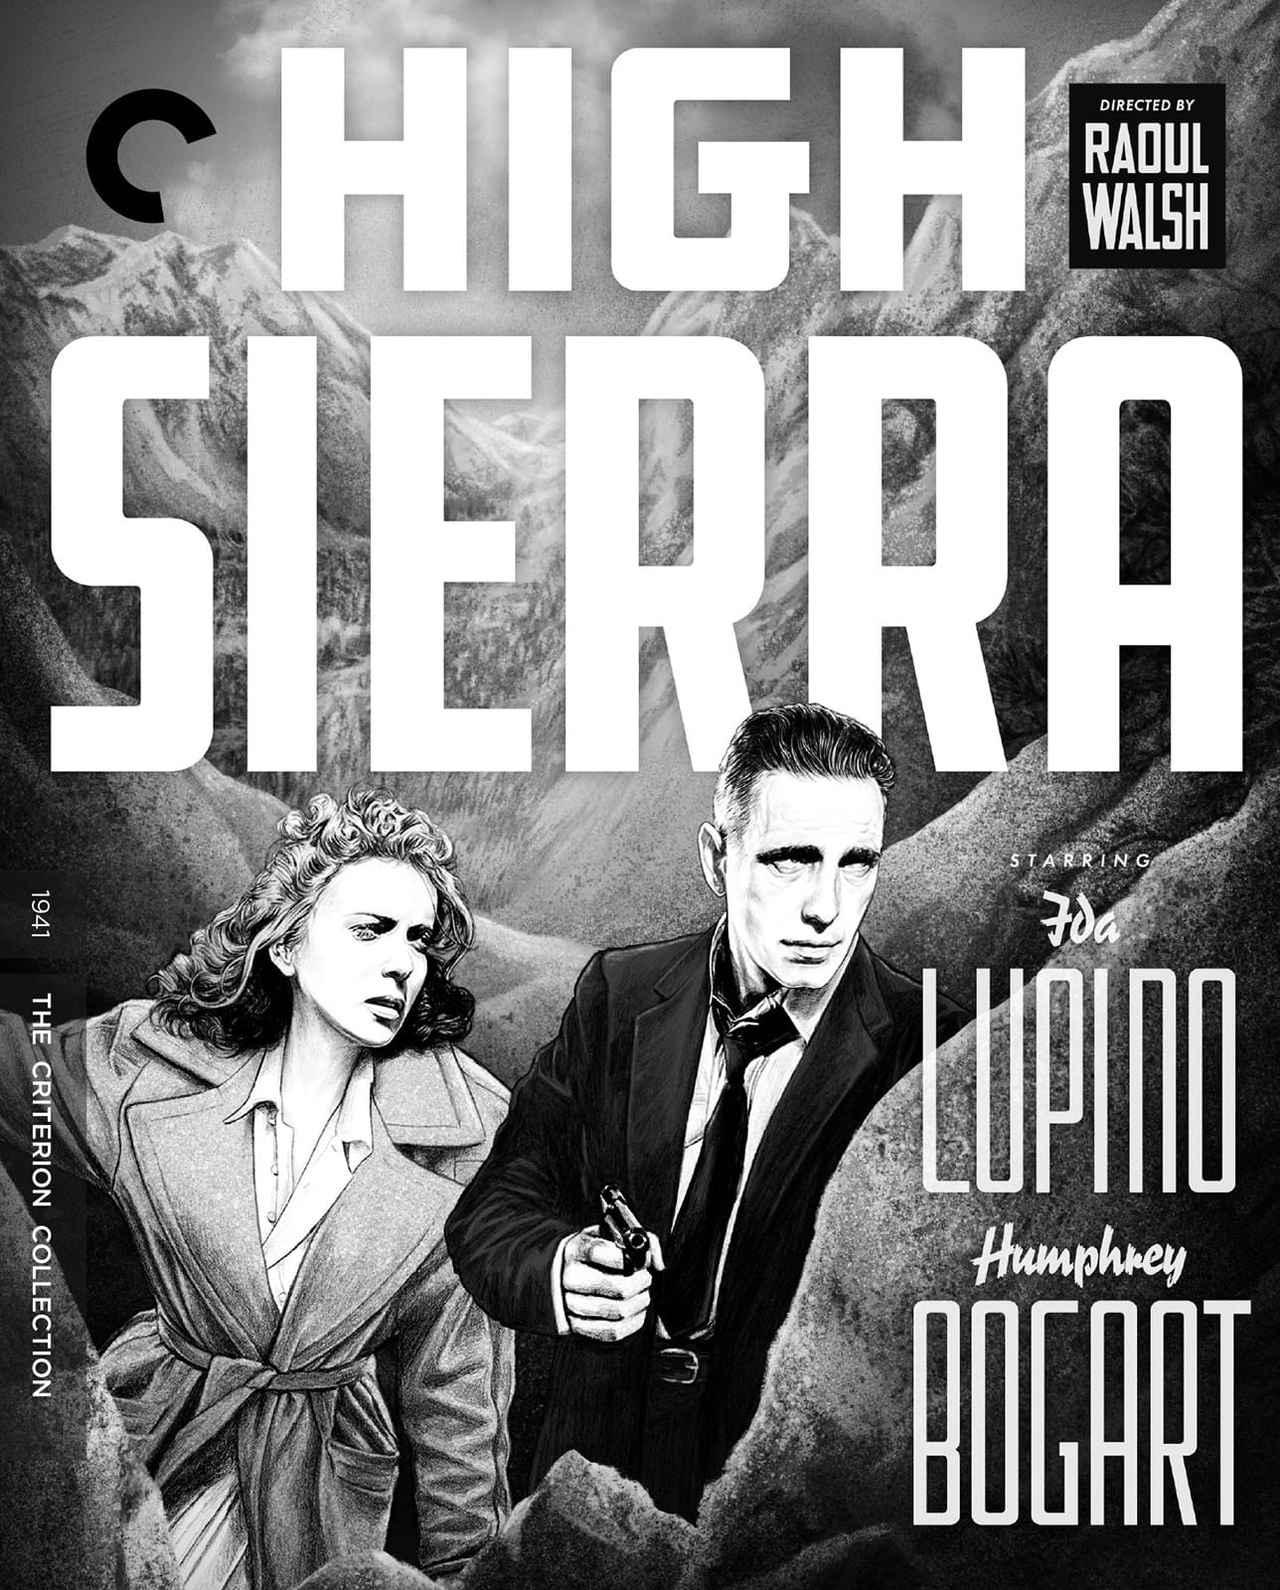 画像: ハイ・シエラ/HIGH SIERRA 10月12日リリース 1941年/監督ラオール・ウォルシュ/出演ハンフリー・ボガート, アイダ・ルピノ, アーサー・ケネディ 特赦で8年ぶりに出所した凶悪犯ロイ。彼を待っていたのはホテル強盗を企む昔の仲間たちだった。前科者がその優しさのため破滅してゆく姿と愛する女性との逃避行を描く。『白熱』『平原児』等で知られる監督ウォルシュは、本作を西部劇としてリブートした傑作『死の谷』でも有名。脚本はジョン・ヒューストン。 ****************************************************************************************************************************** NEW 4K RESTORATION OF THE FILM, with uncompressed monaural soundtrack